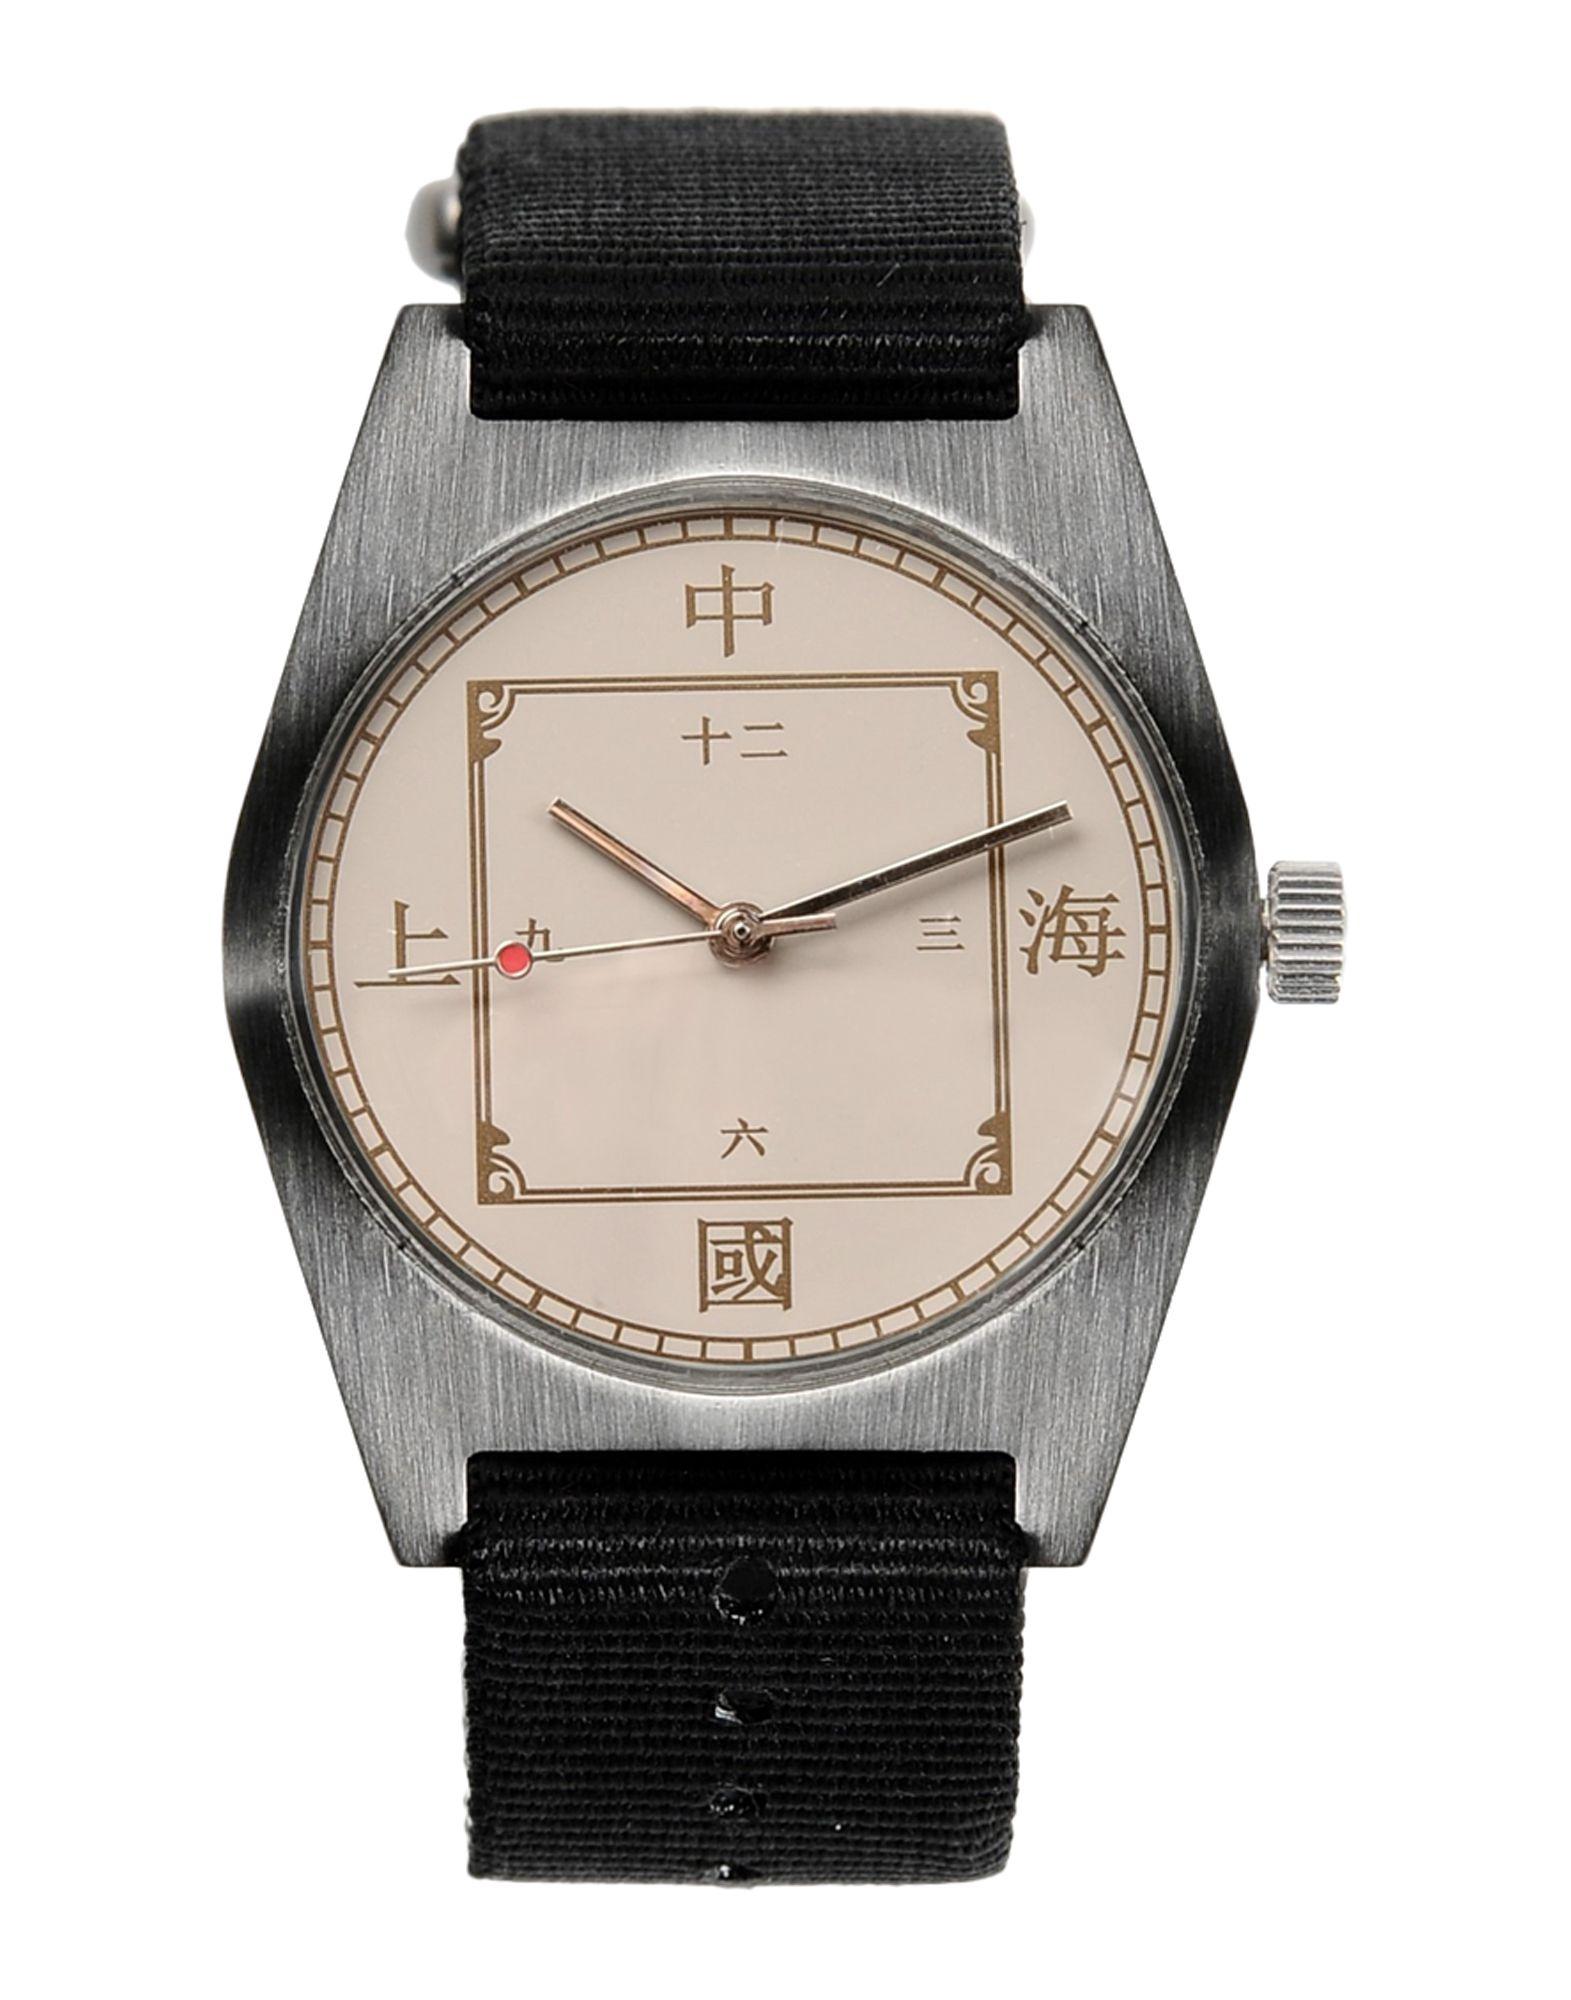 SHW SHANGHAI HENGBAO WATCH Наручные часы кусачки профессиональные для кожи expert n7 20 08 режущая часть 8мм